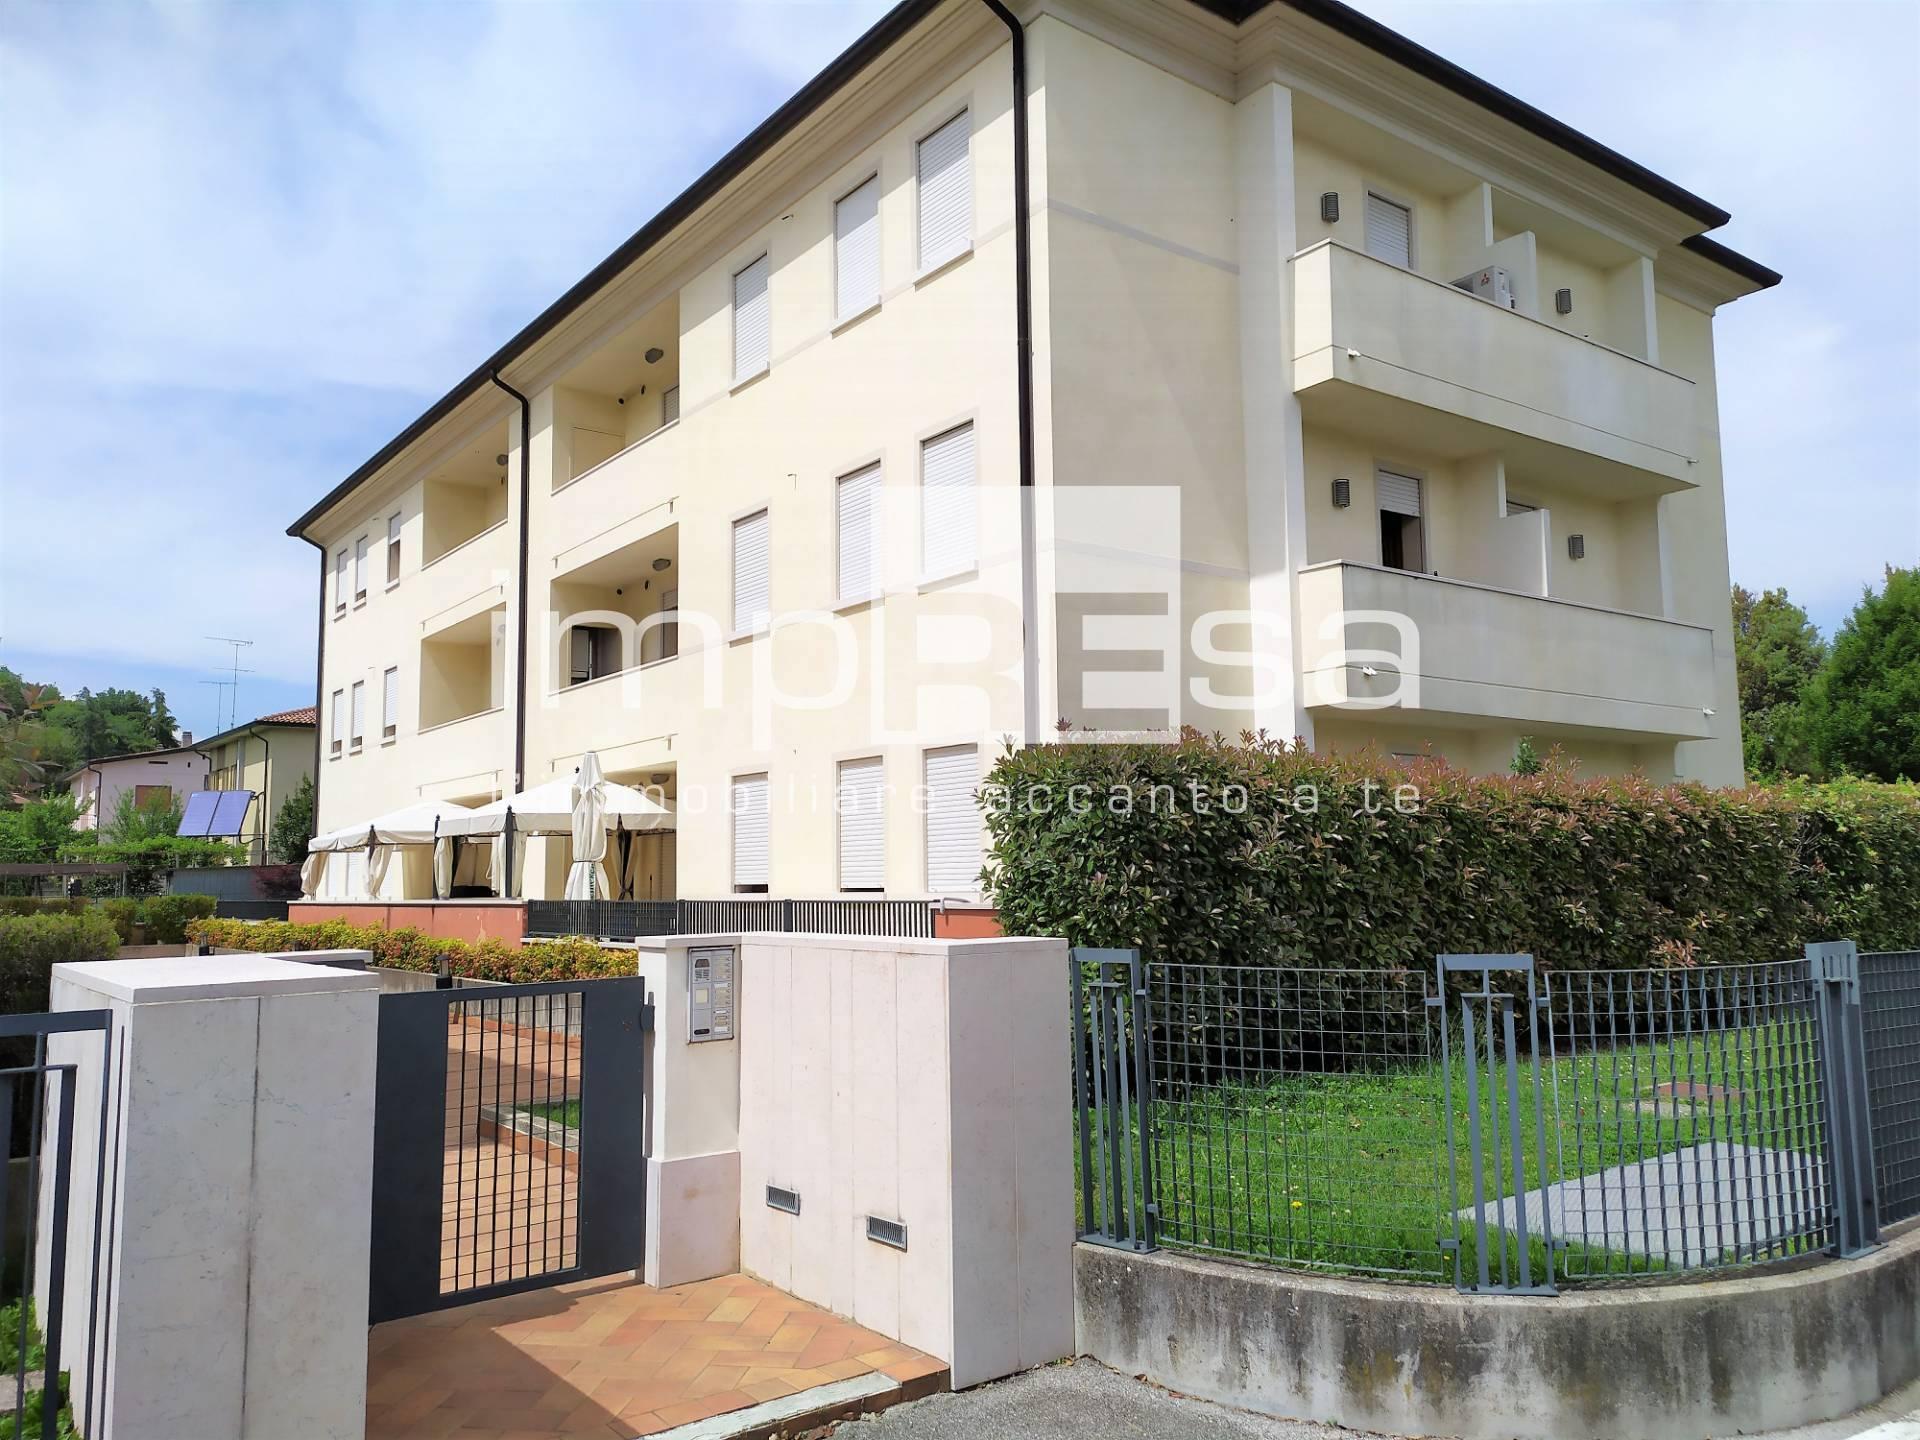 Appartamento in vendita a Susegana, 3 locali, prezzo € 120.000 | PortaleAgenzieImmobiliari.it